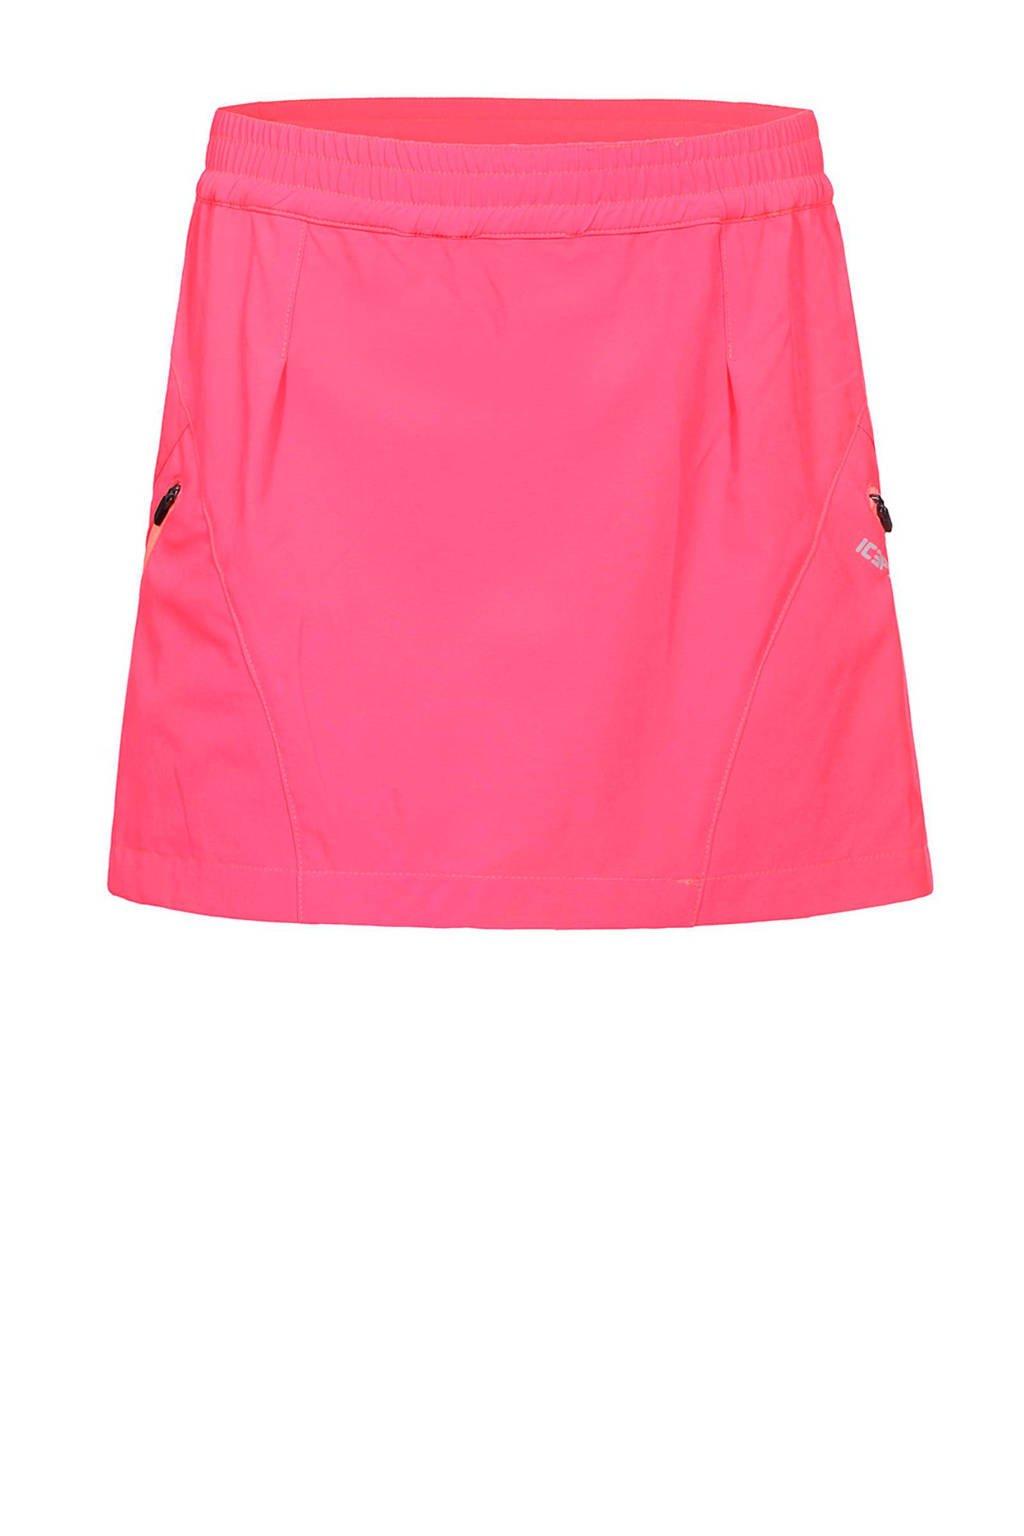 Icepeak meisjes outdoor skort Tilda roze, Roze